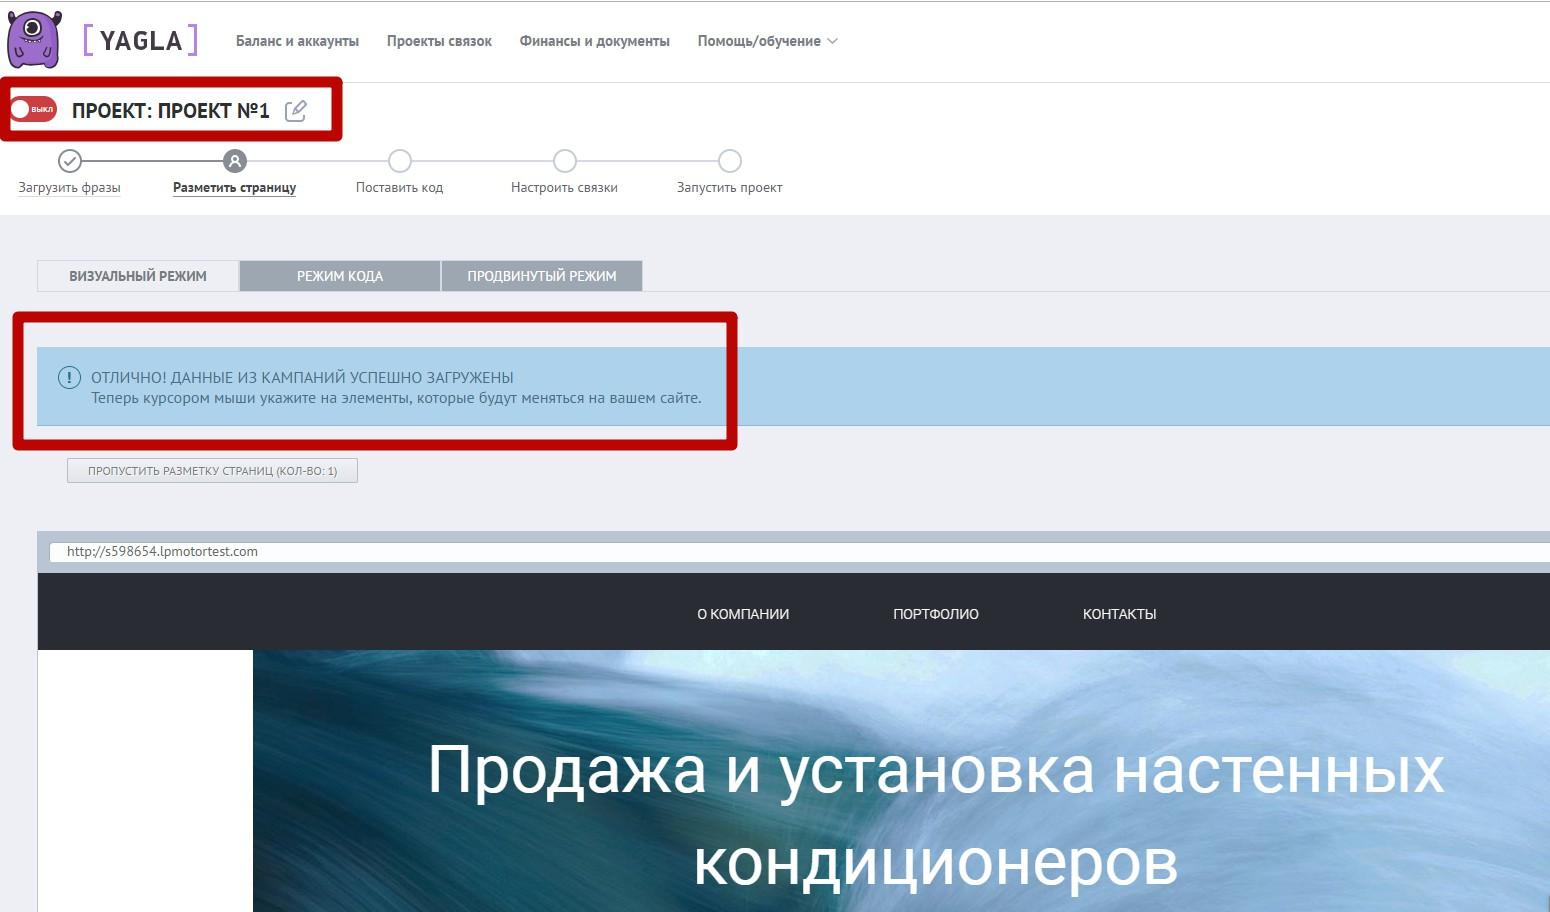 Реклама на поиске Яндекса – переход к разметке страниц